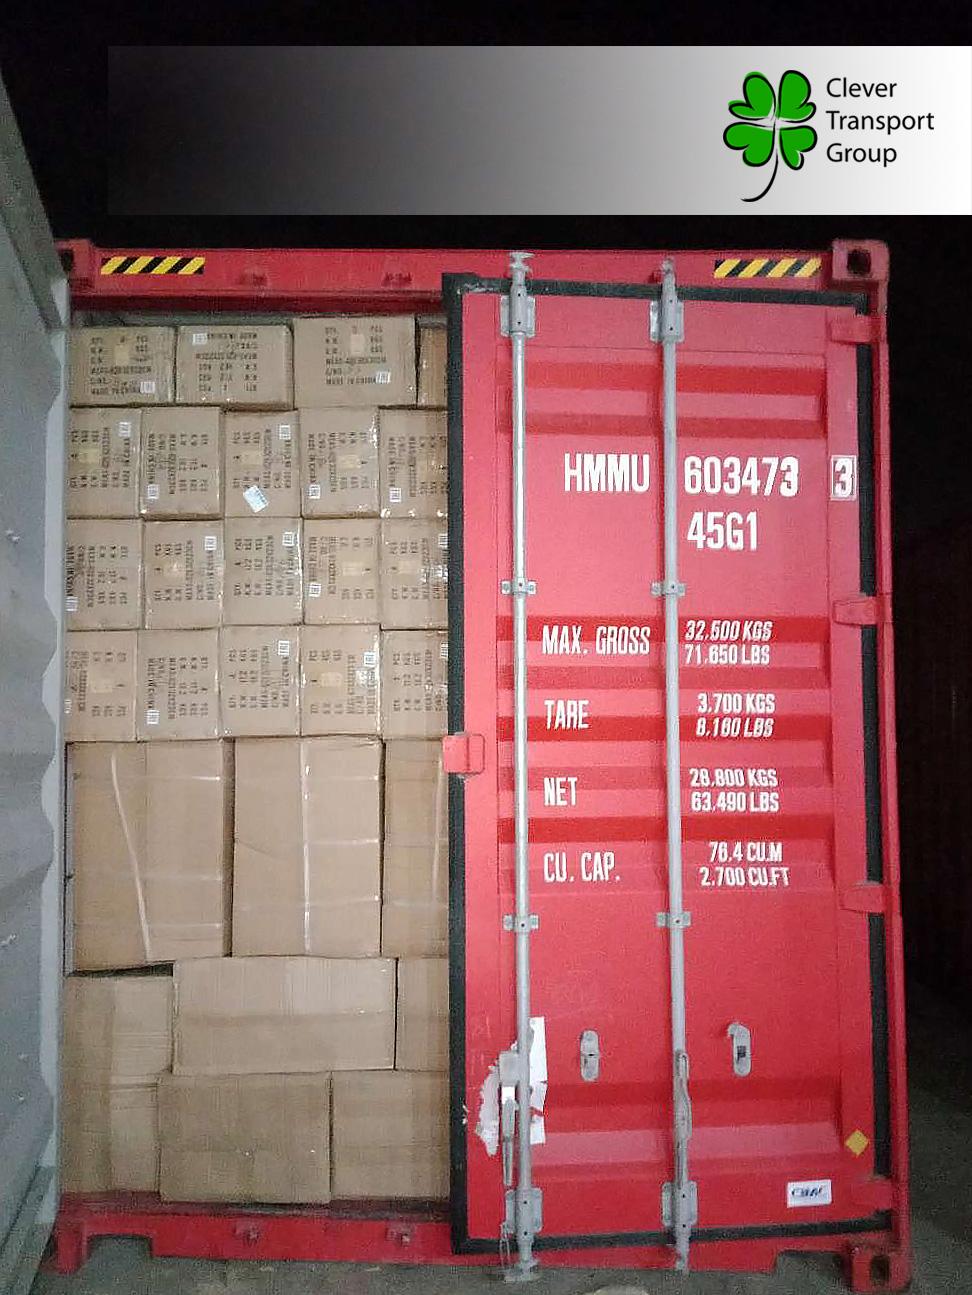 Загрузили полностью первый контейнер в рамках сотрудничества с HMM